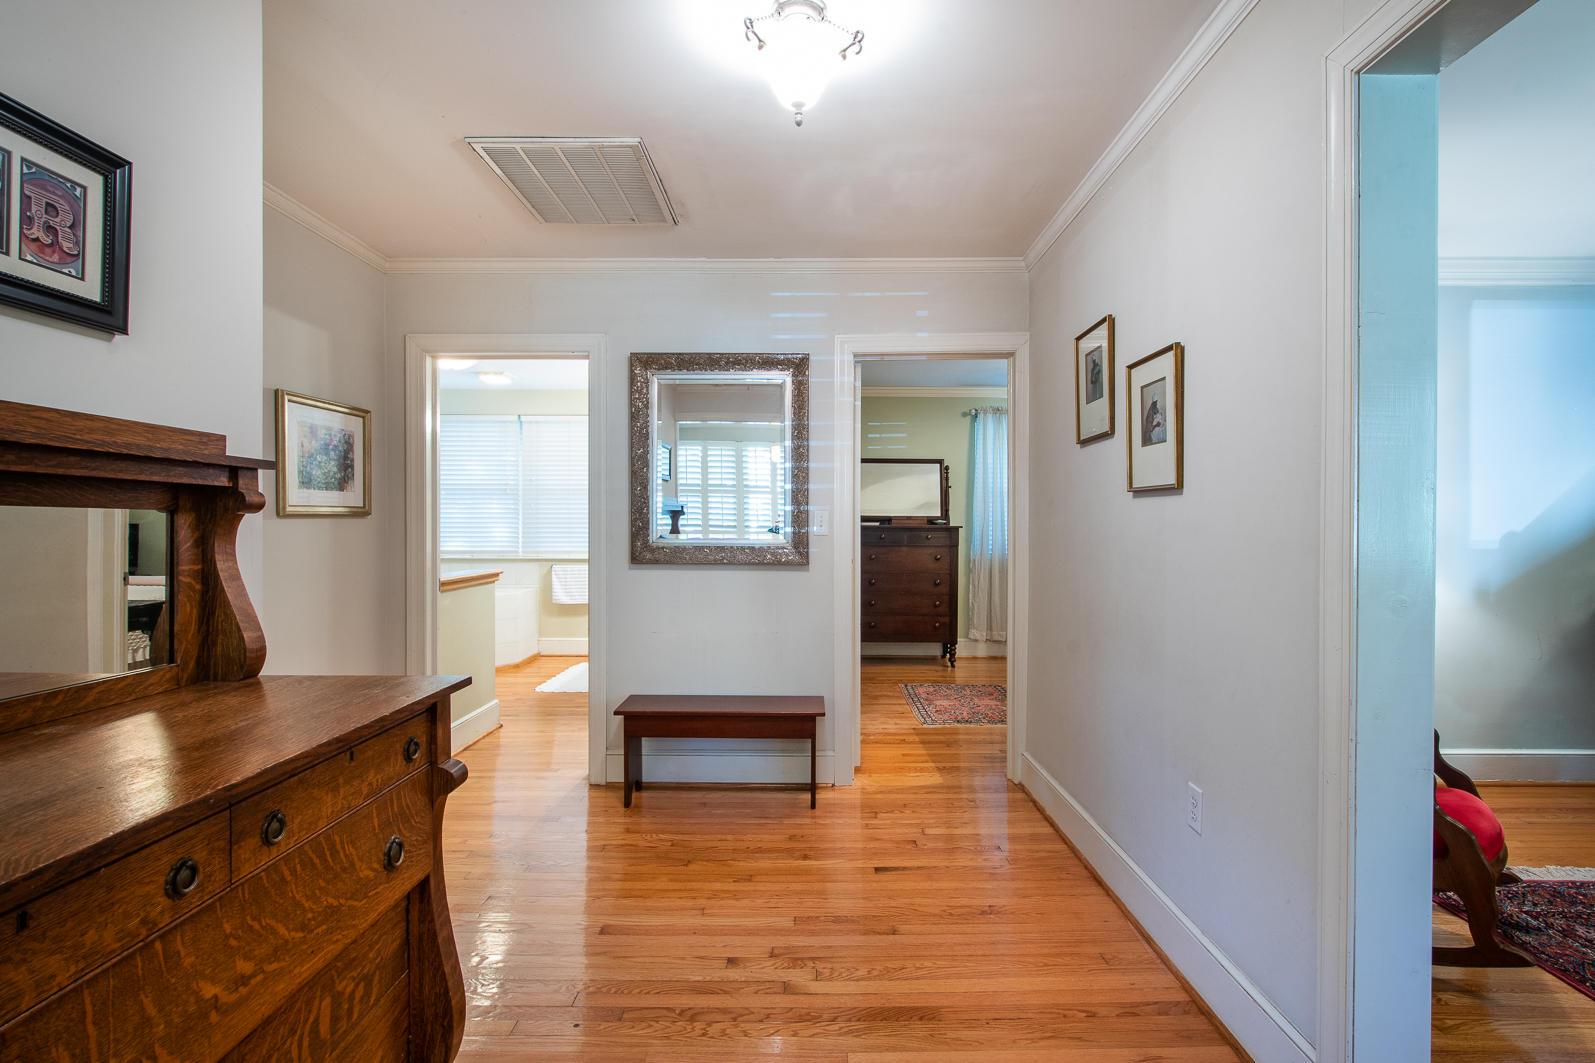 Old Mt Pleasant Homes For Sale - 1344 Fairmont, Mount Pleasant, SC - 30